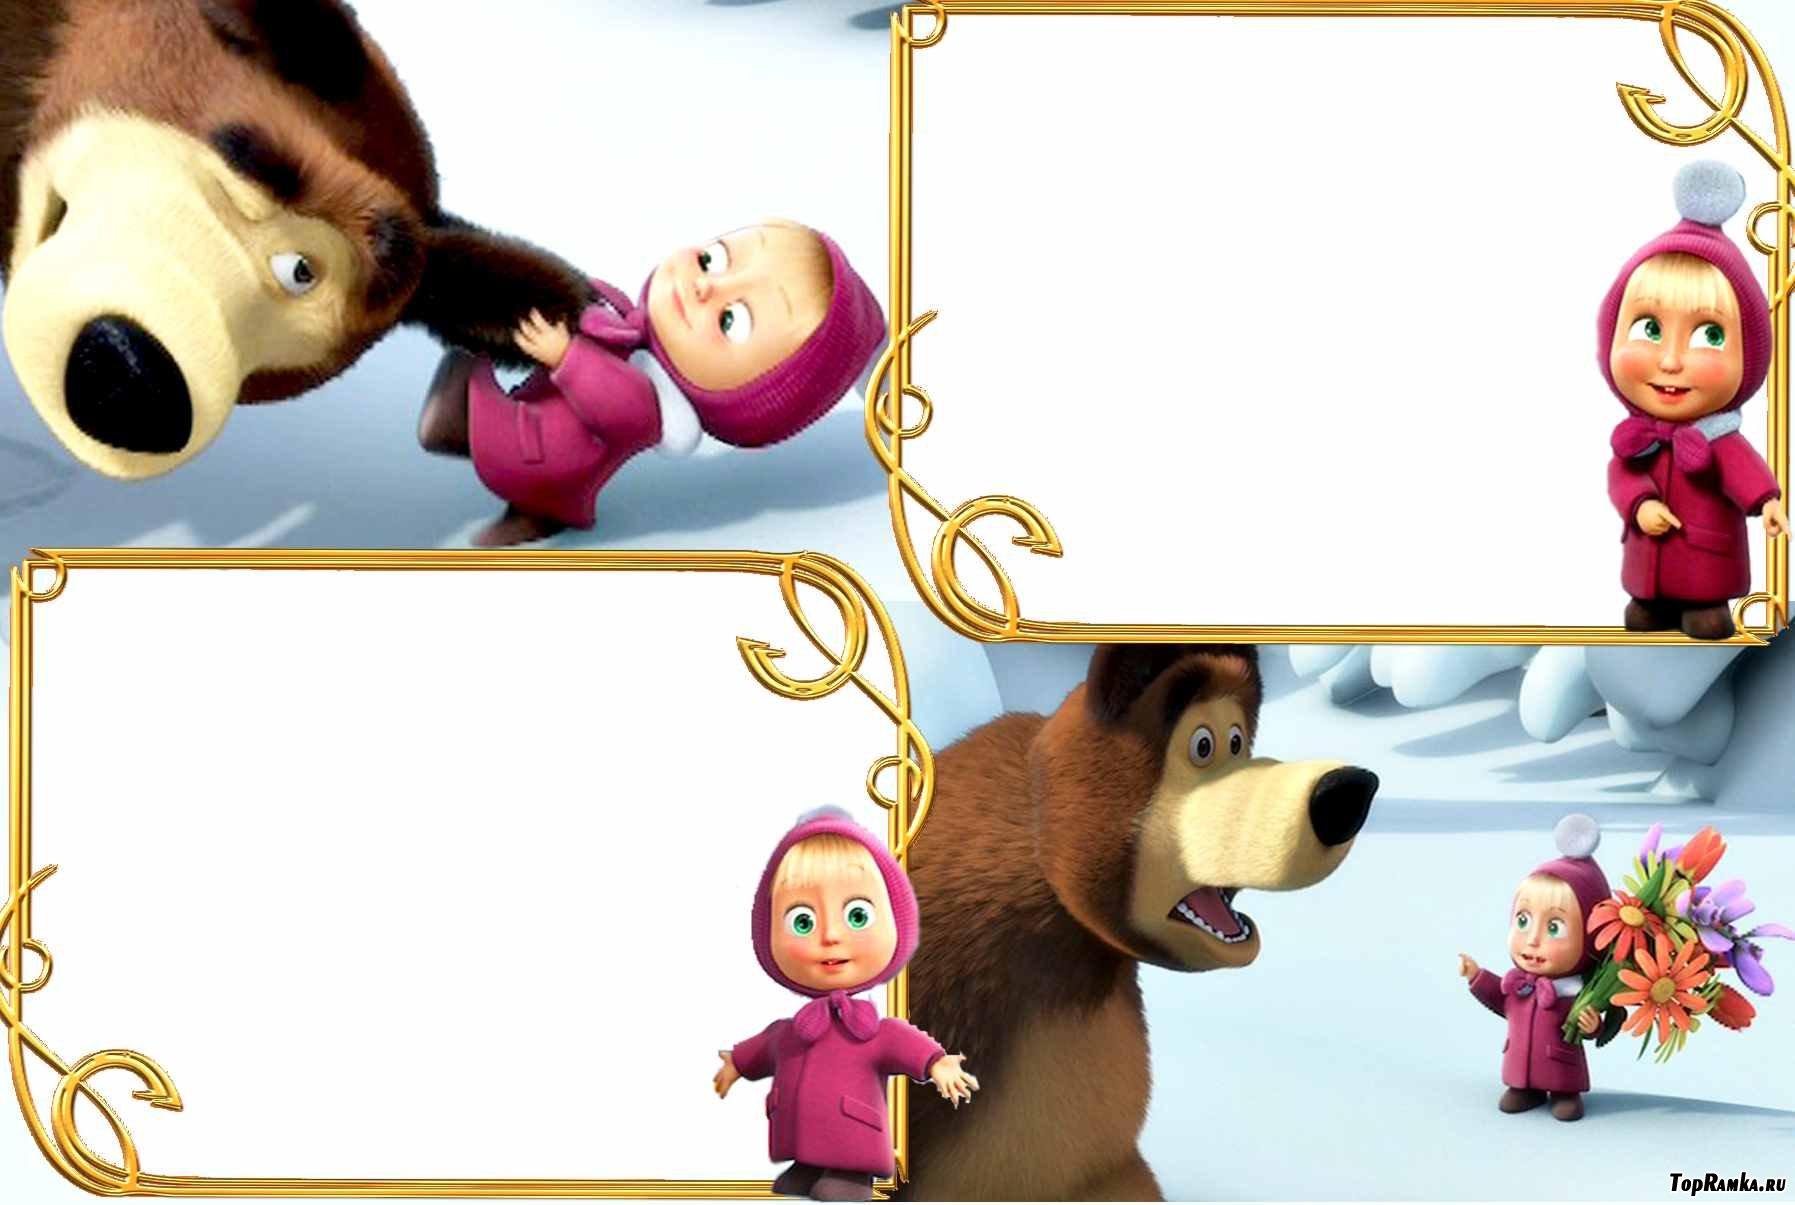 Рамка для детей маша и медведь 2